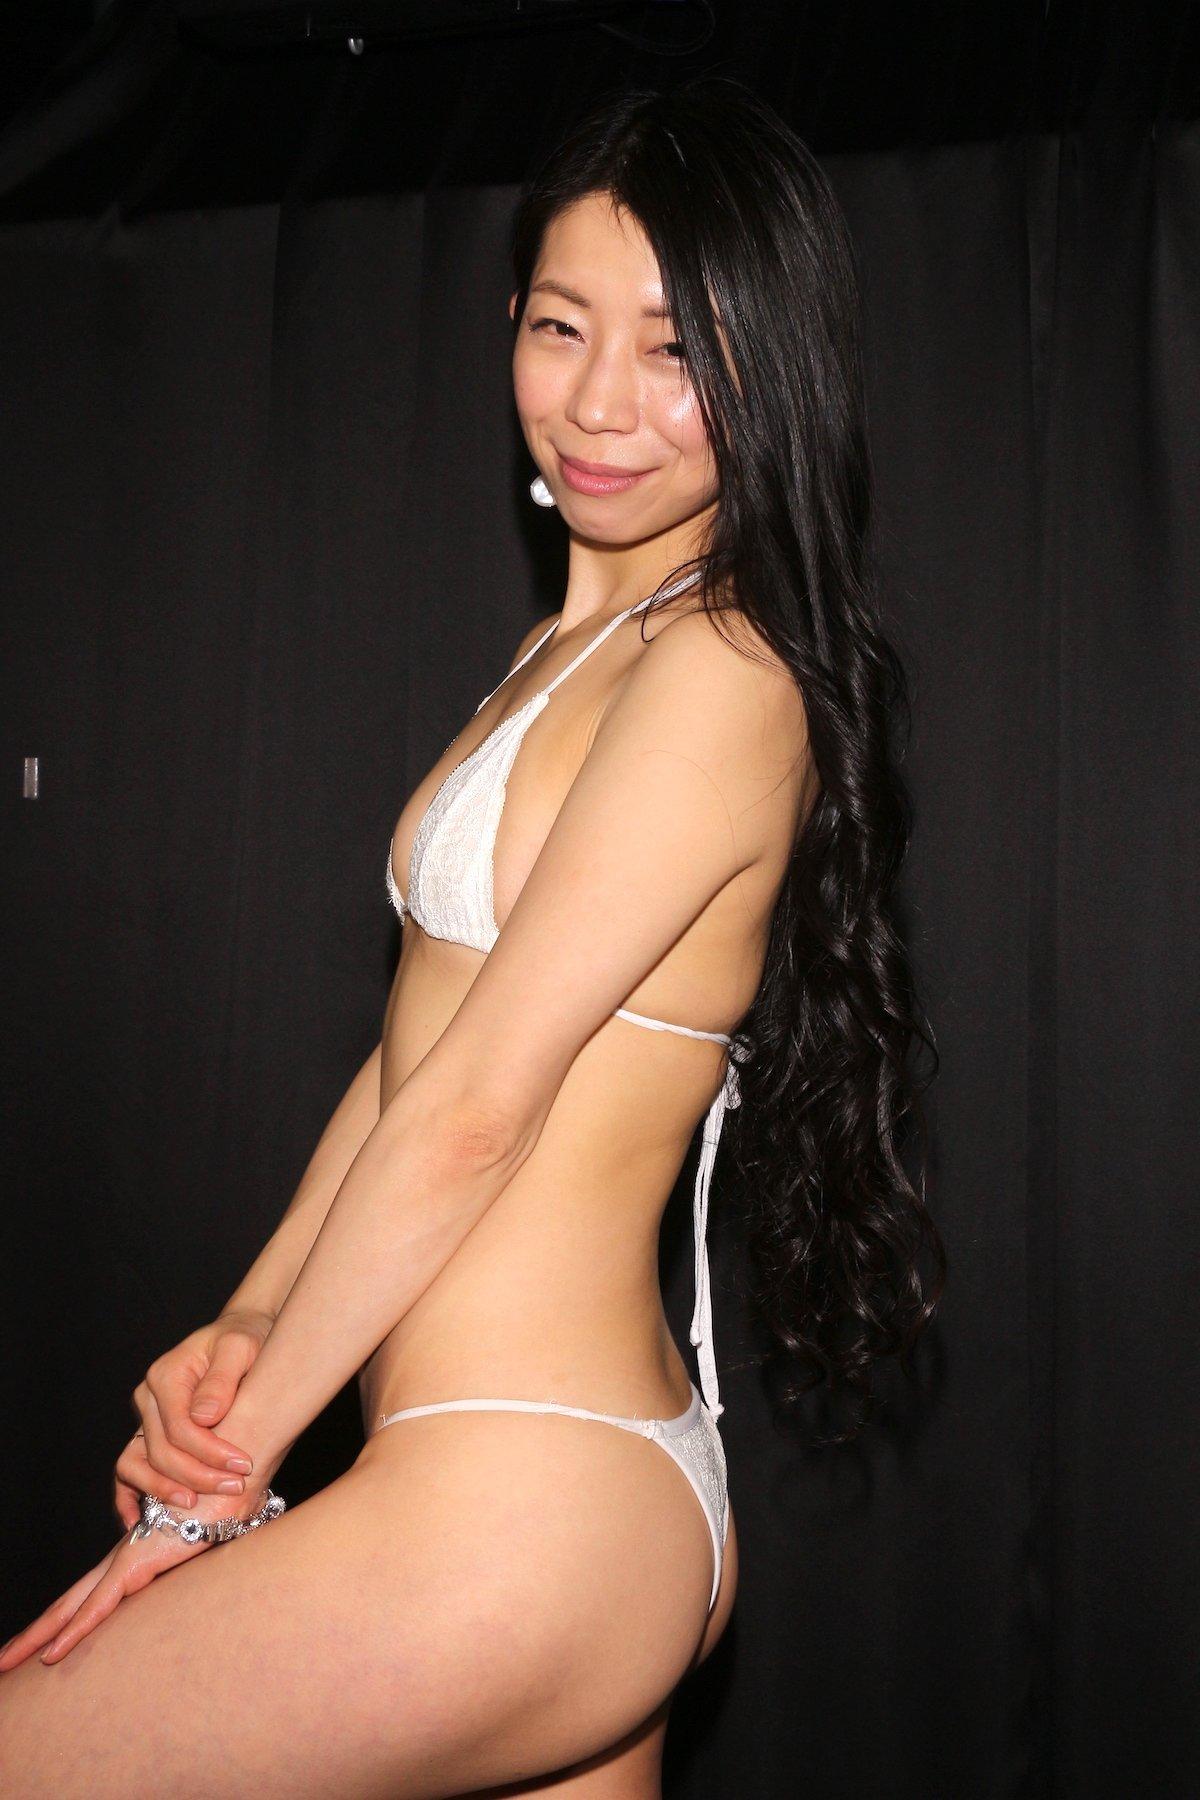 岩崎真奈「ベンチの縁にこすったり」私史上最高にセクシー【画像50枚】の画像023